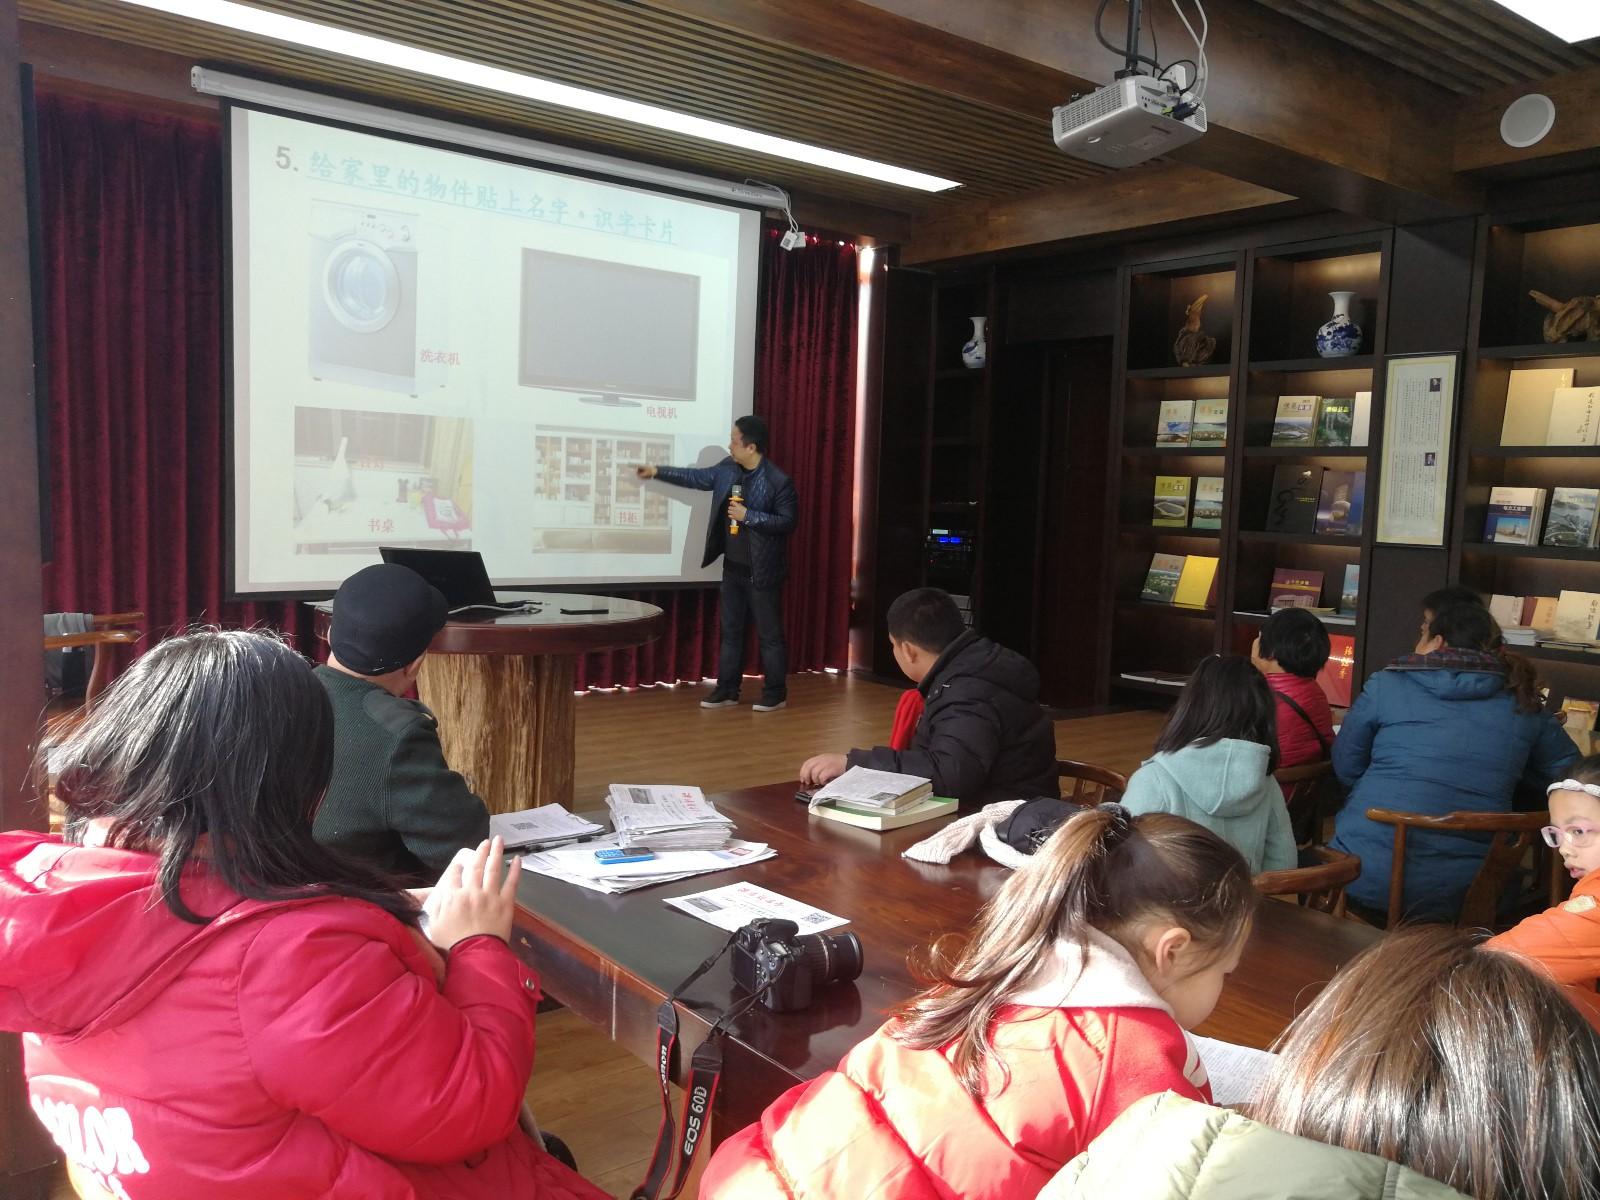 小学亲子读书计划_燕湖小学教师寒假公益讲座广受好评